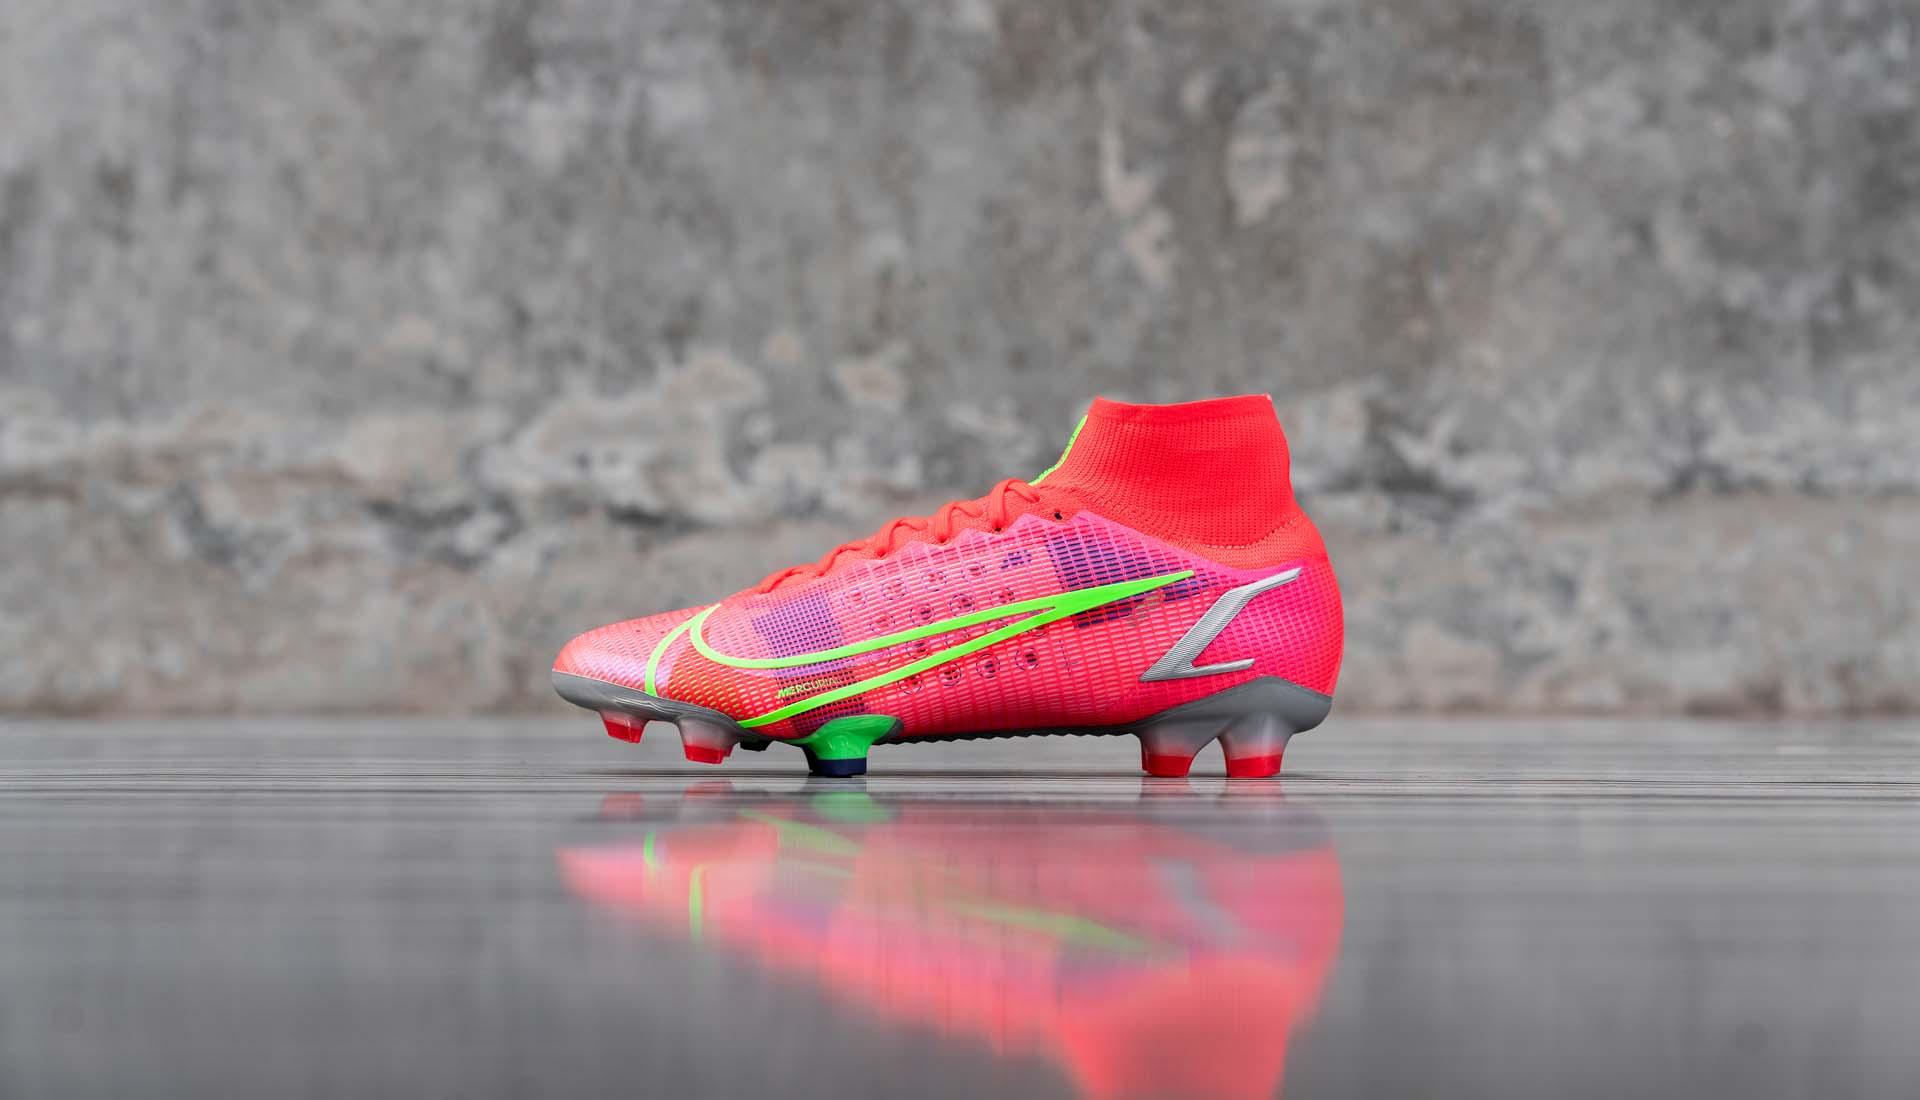 Giày đá bóng Nike Mercurial Superfly 8